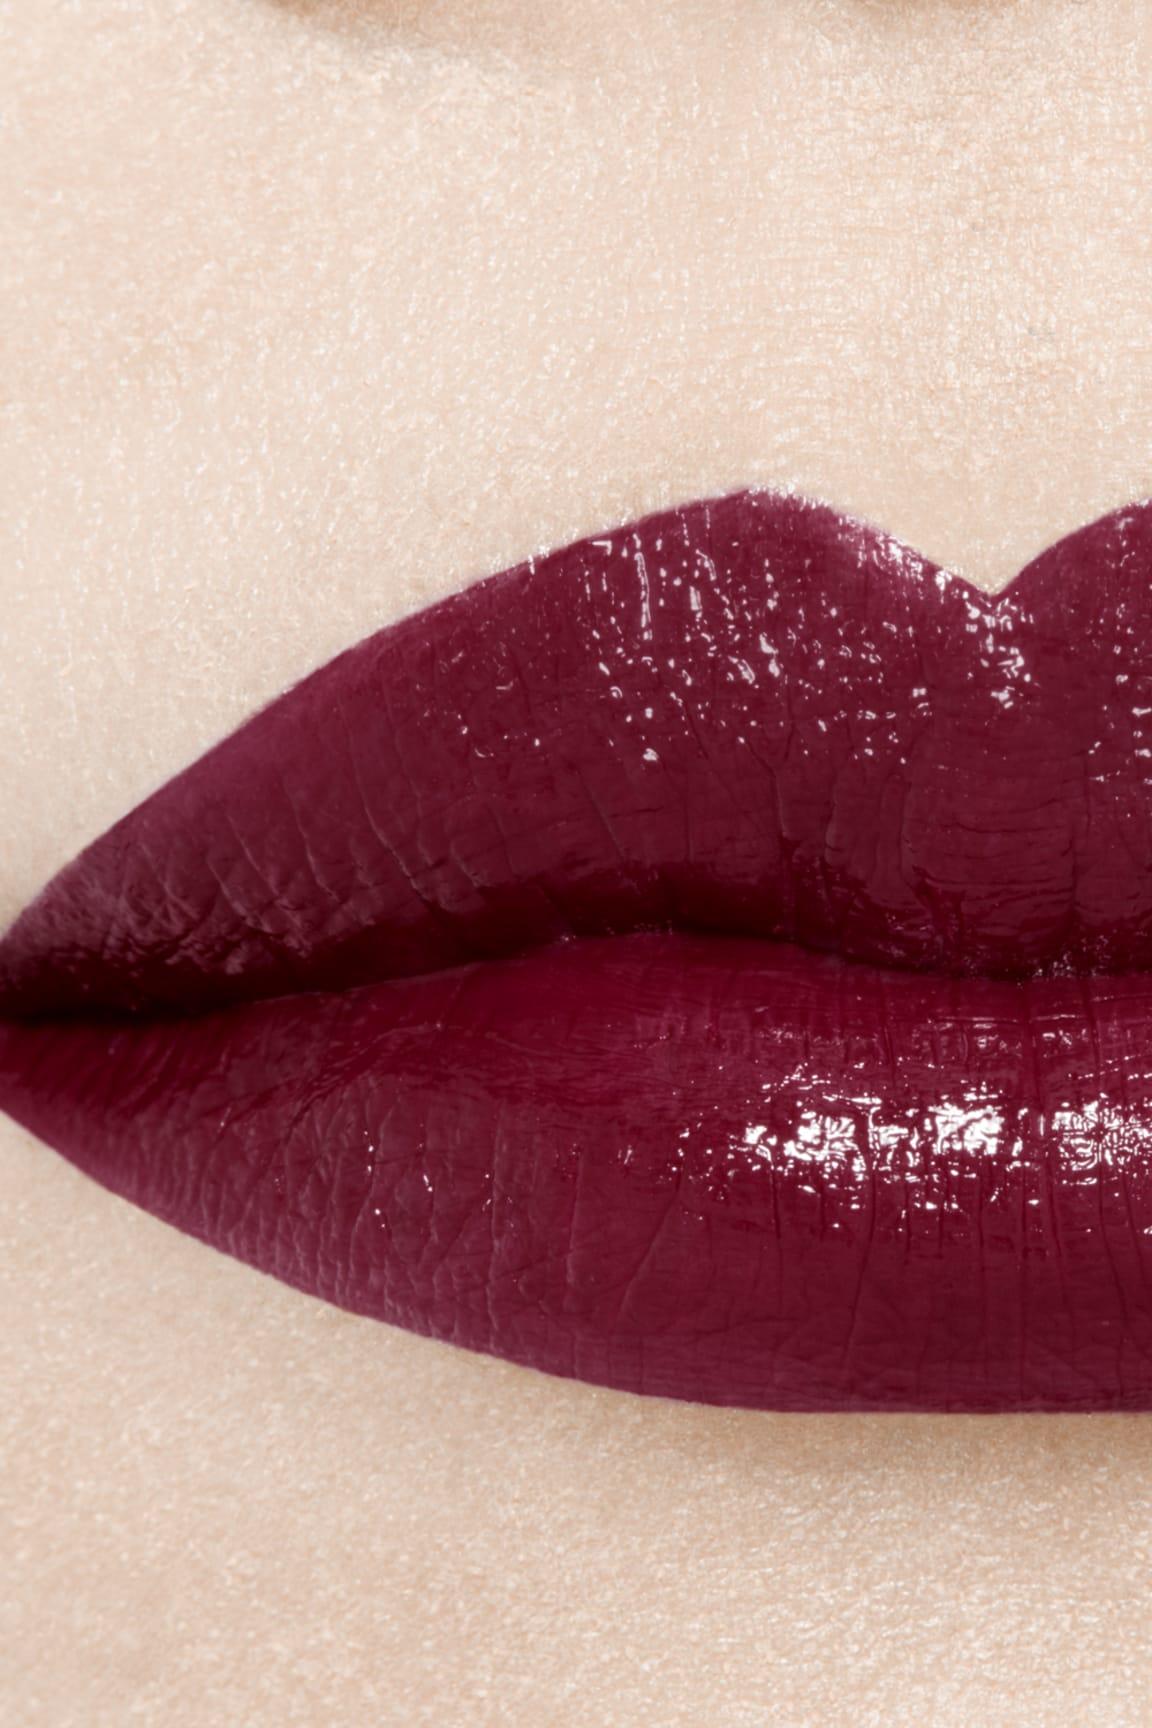 Imagen aplicación de maquillaje 1 - ROUGE ALLURE LAQUE 79 - ÉTERNITÉ